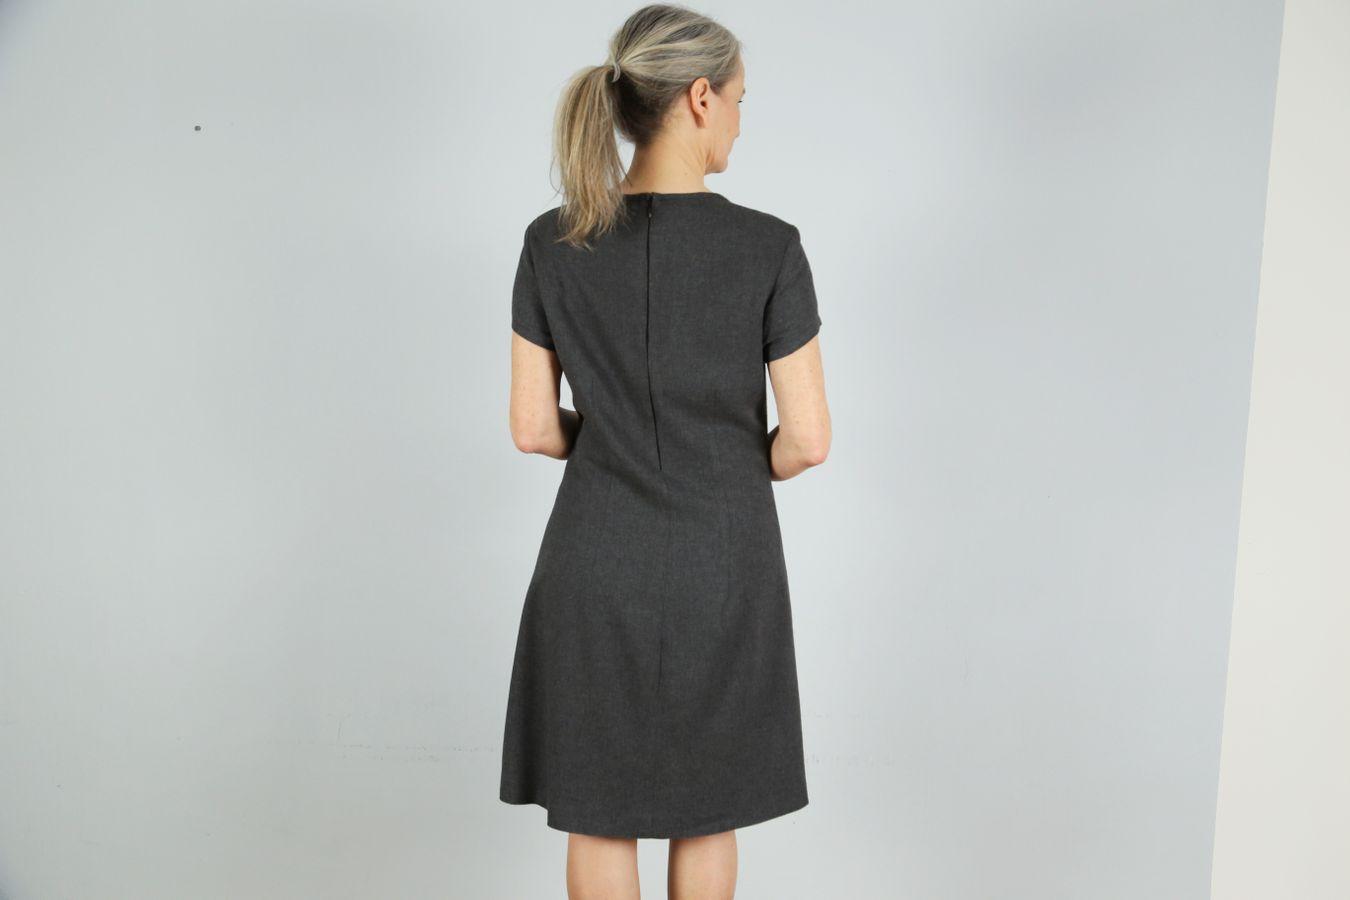 Produktfoto 6 von STUDIO SCHNITTREIF für Schnittmuster AMELAND und FRAU AMELAND • Kleider im Partnerlook,  e-book Kombi